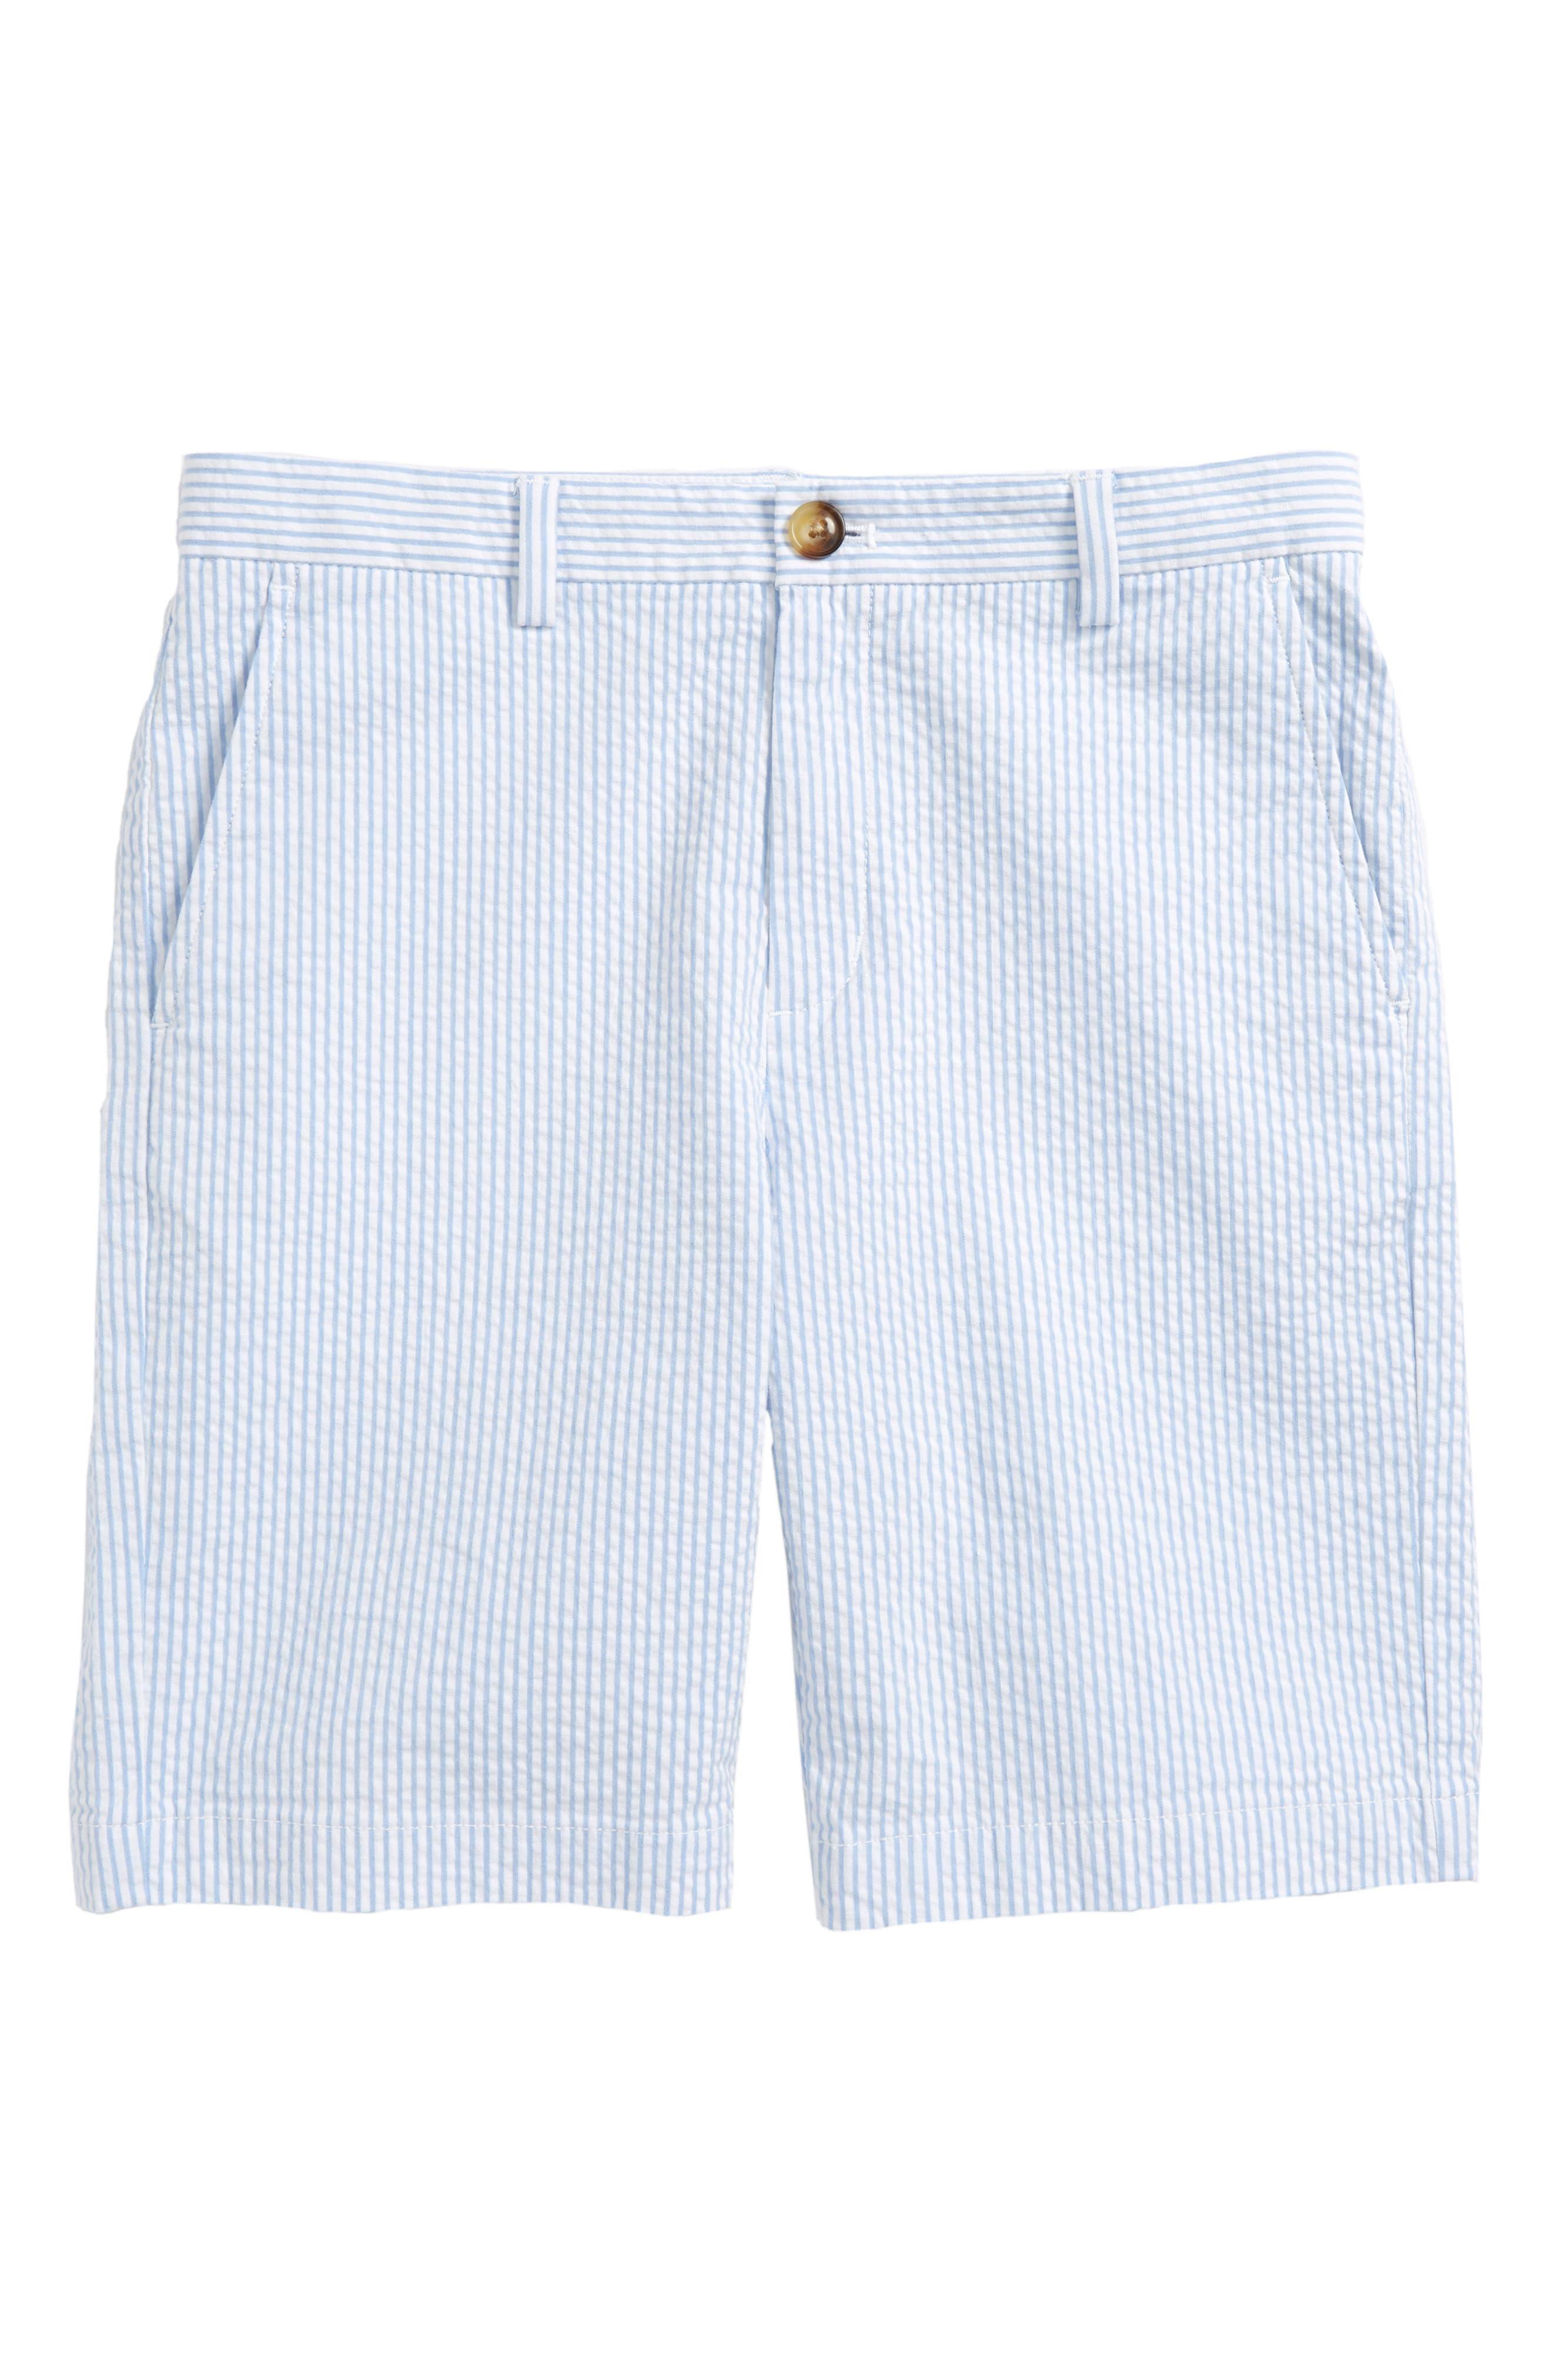 Seersucker Stripe Breaker Shorts,                         Main,                         color, 484